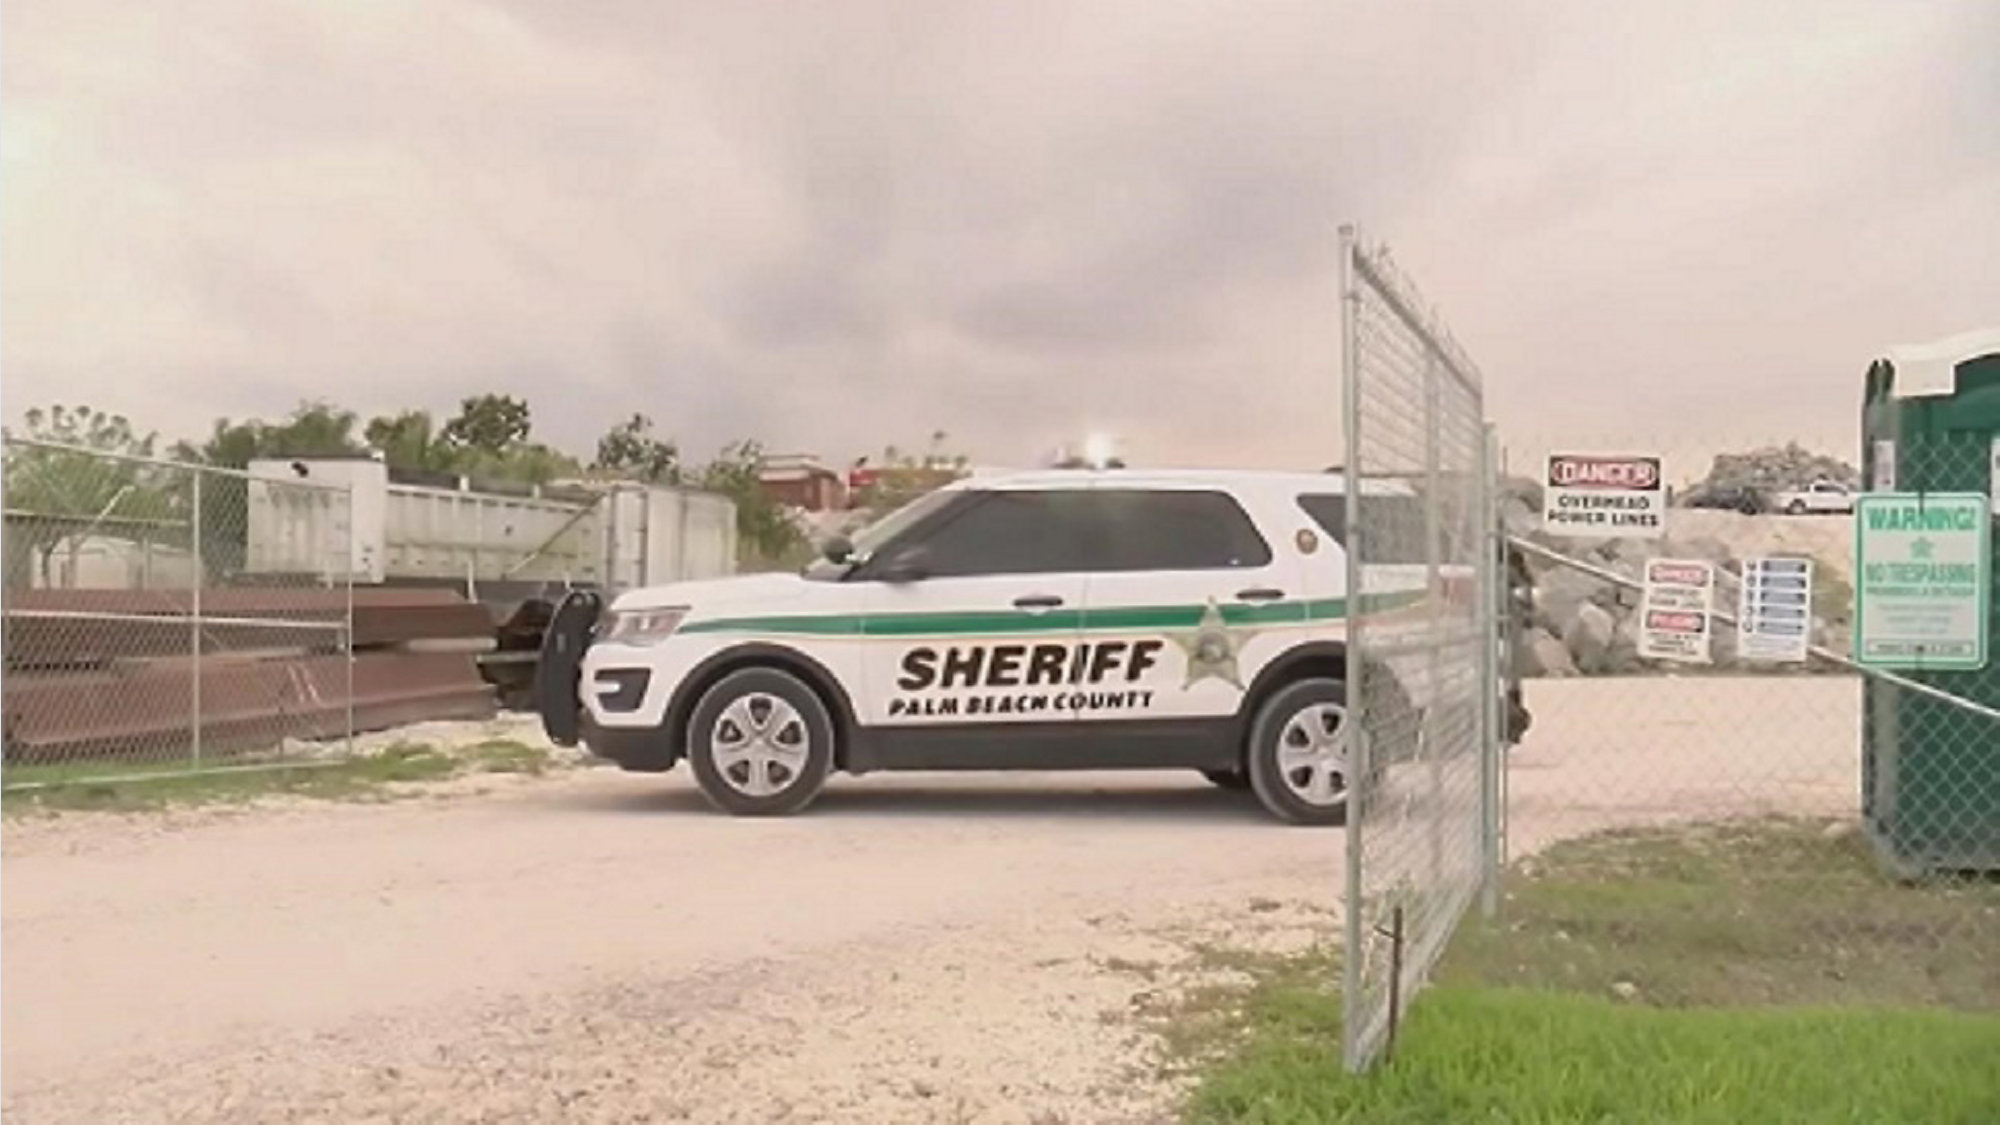 ID's Released In Lake Okeechobee Plane Crash